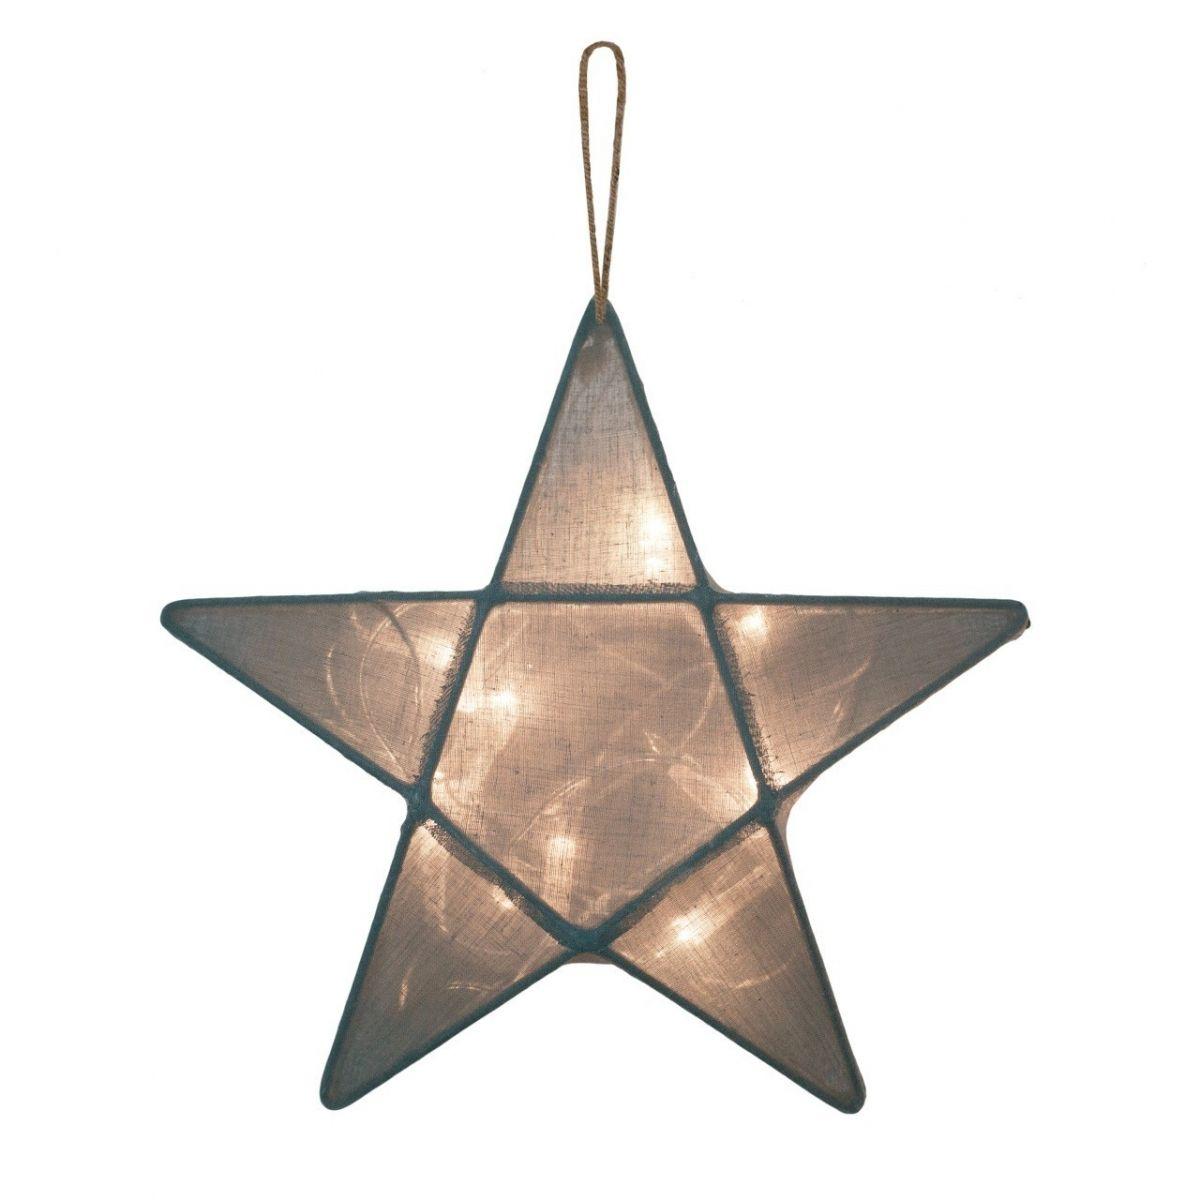 Lampa Gwiazda szaroniebieska - Numero 74